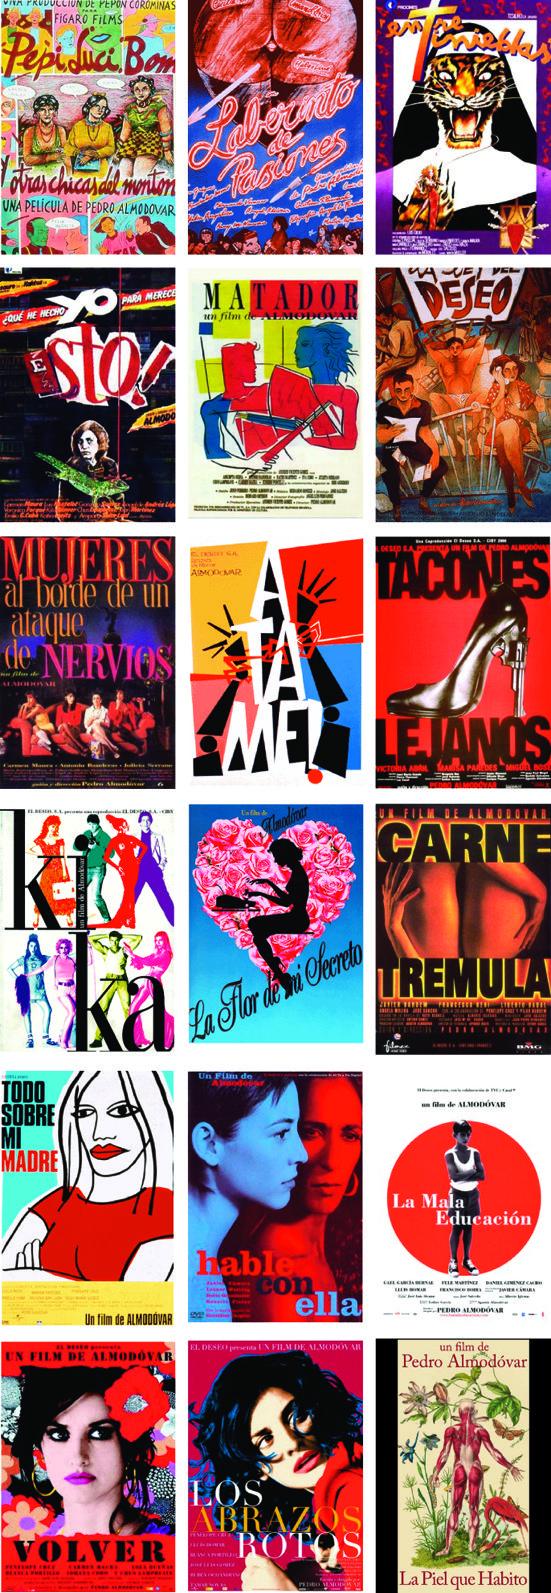 Carteles de las peliculas de Almodovar (todo un arte de la mano de los diferentes artistas gráficos...porque todo el mérito no se lo podía llevar Almodovar)